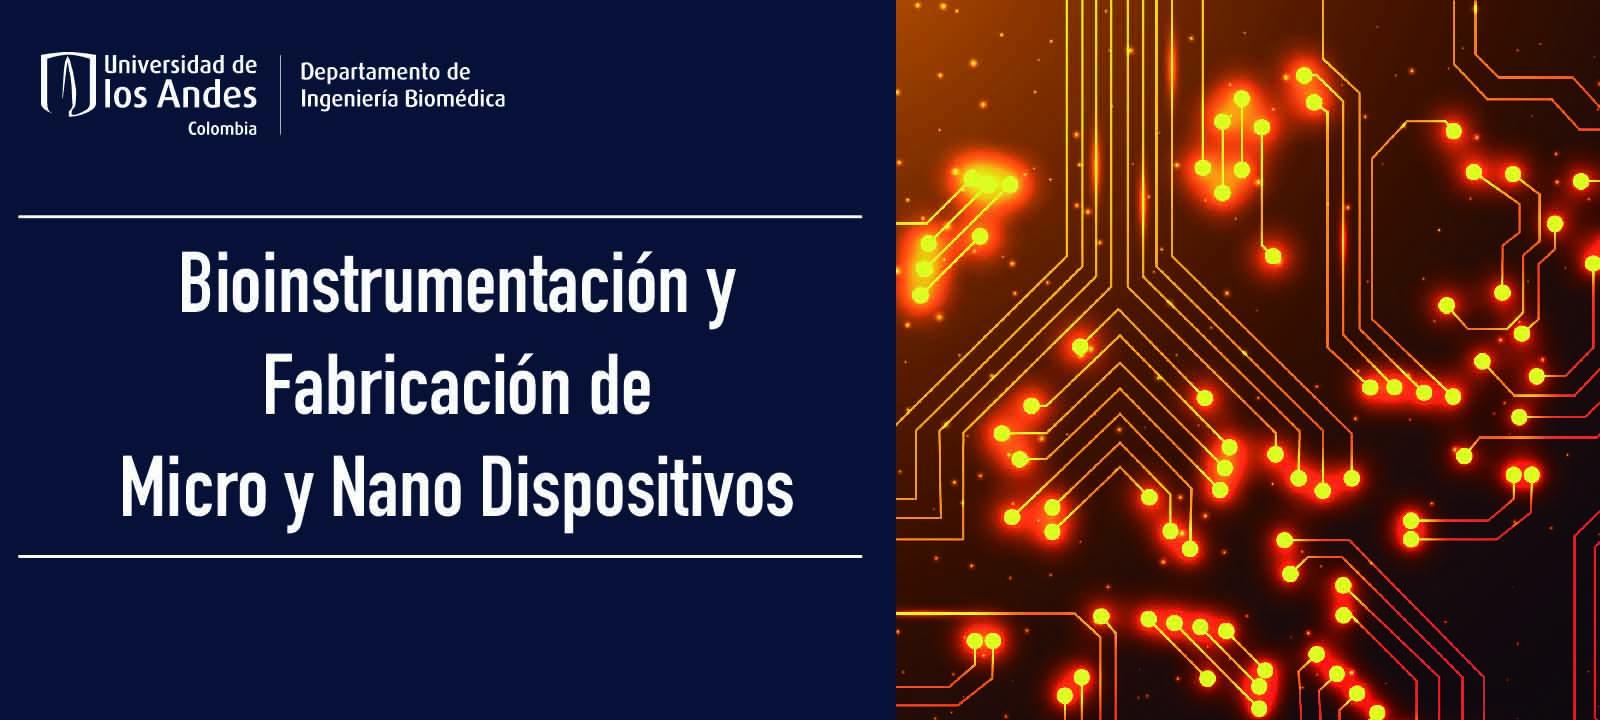 Bioinstrumentación - Fabricación de Micro y nano dispositivos para ciencias biomédicas